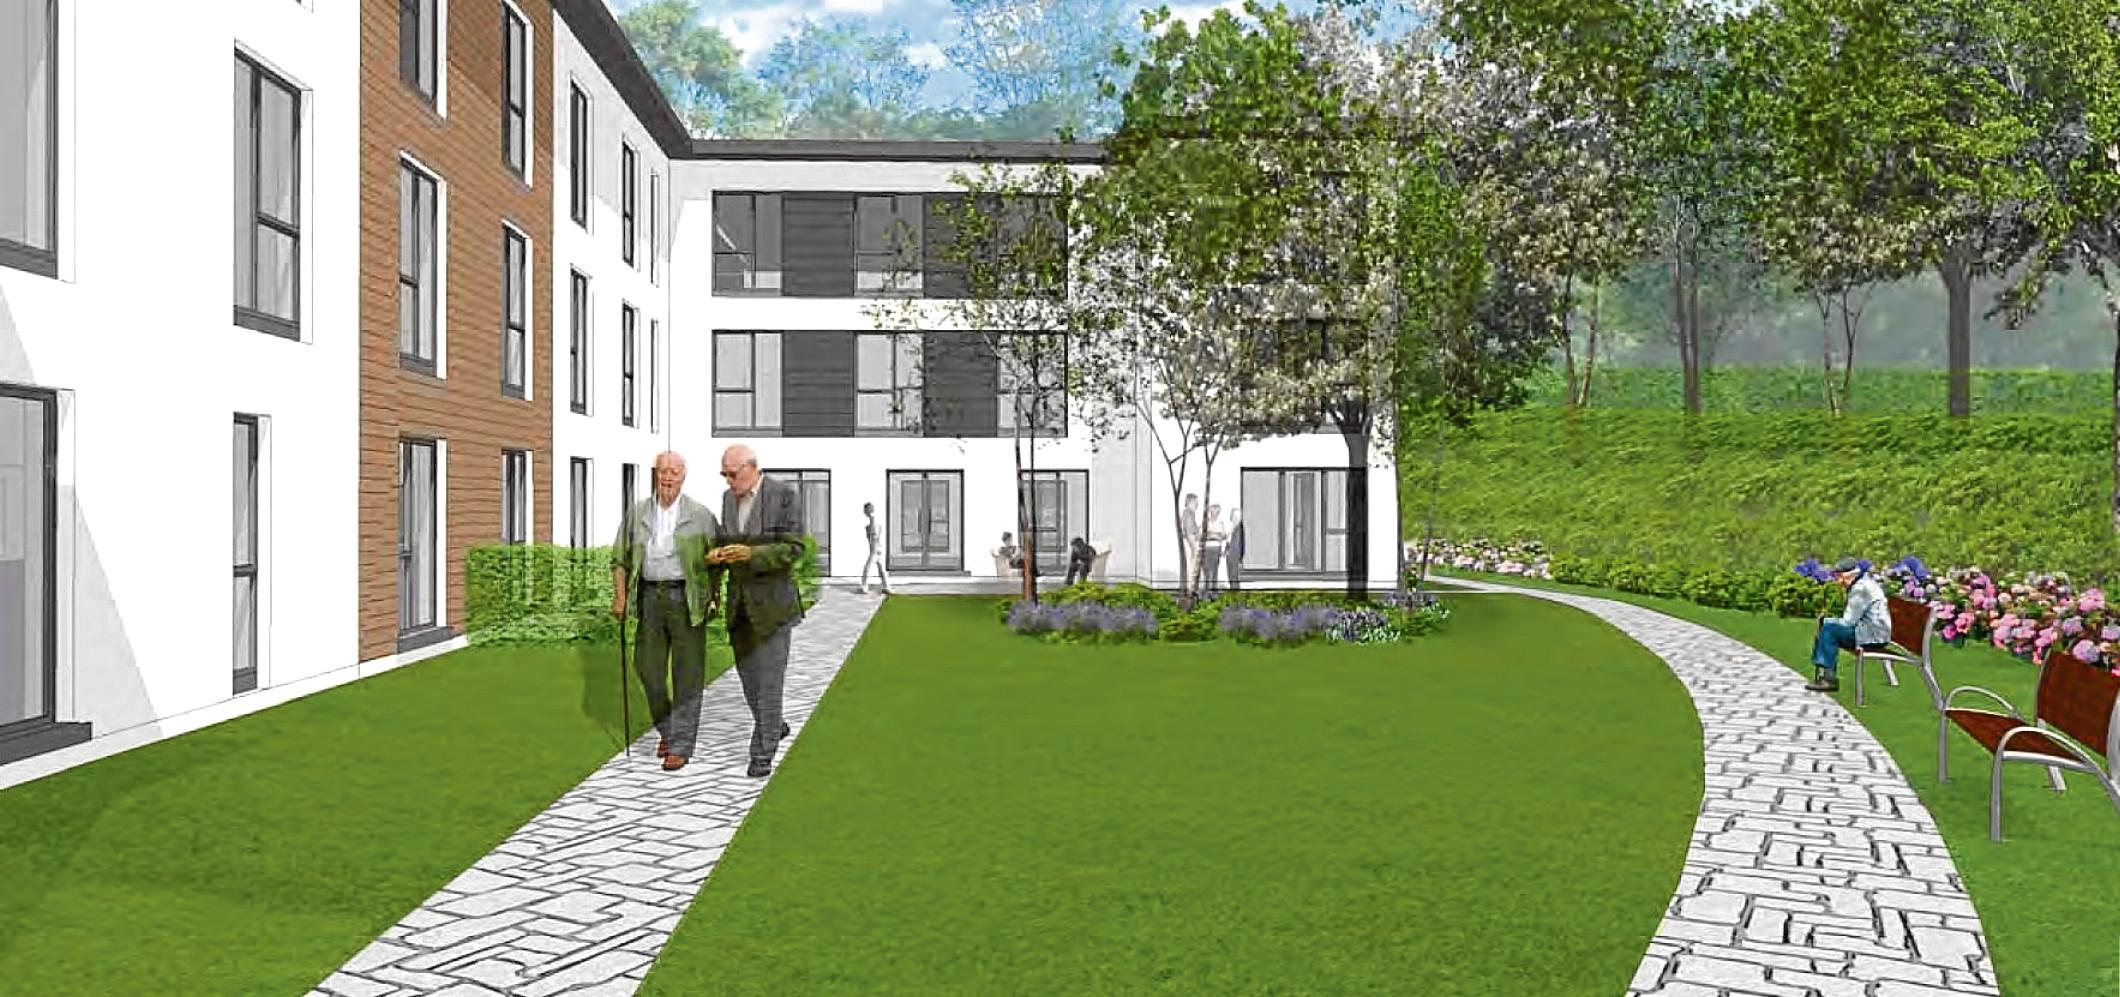 An artist's impression of Dandara's plans for the Hazledene home.